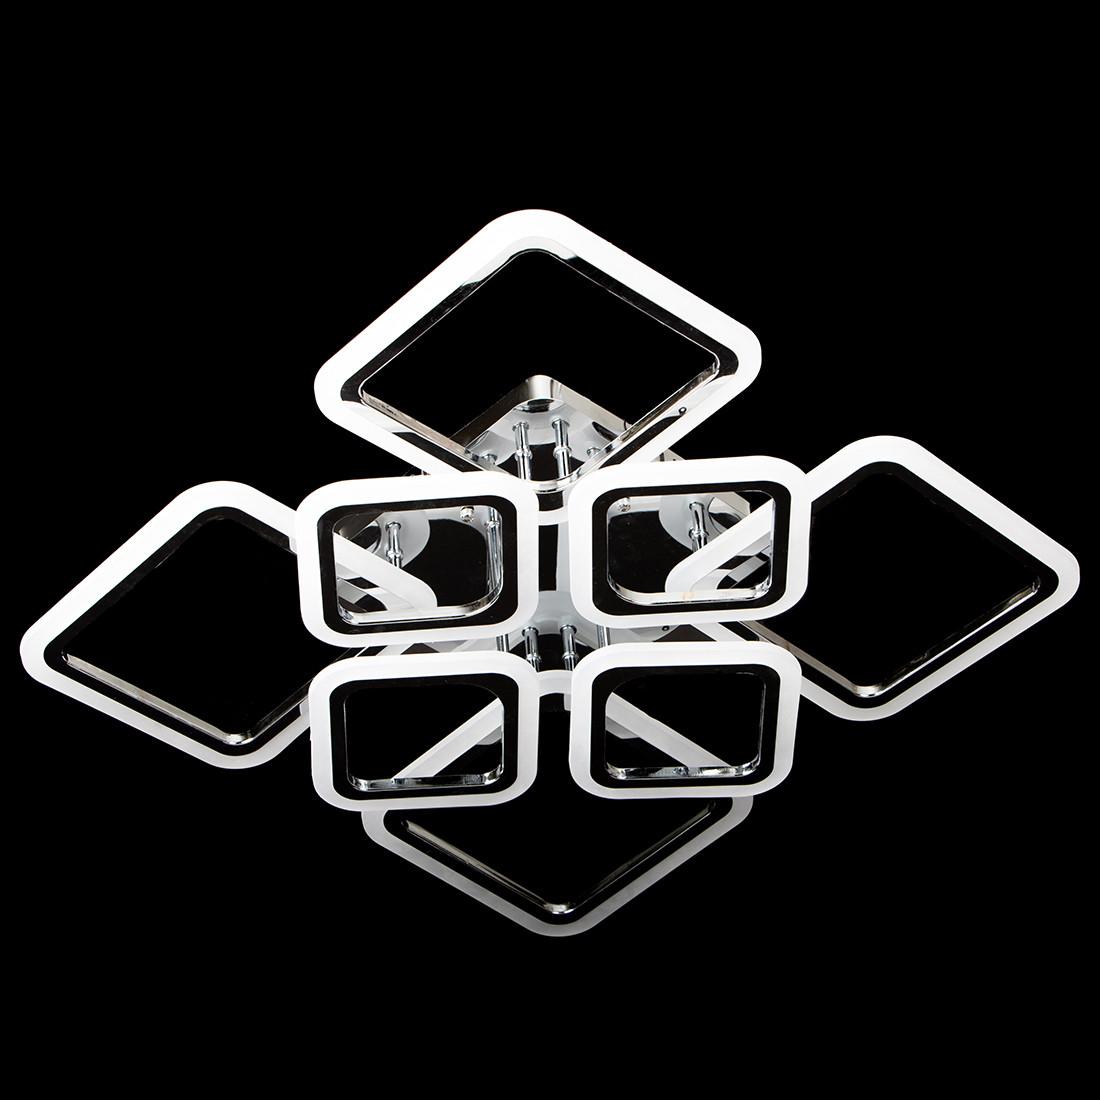 Люстра светодиодная с пультом управления SL-5331/4+4 CR DIMMER